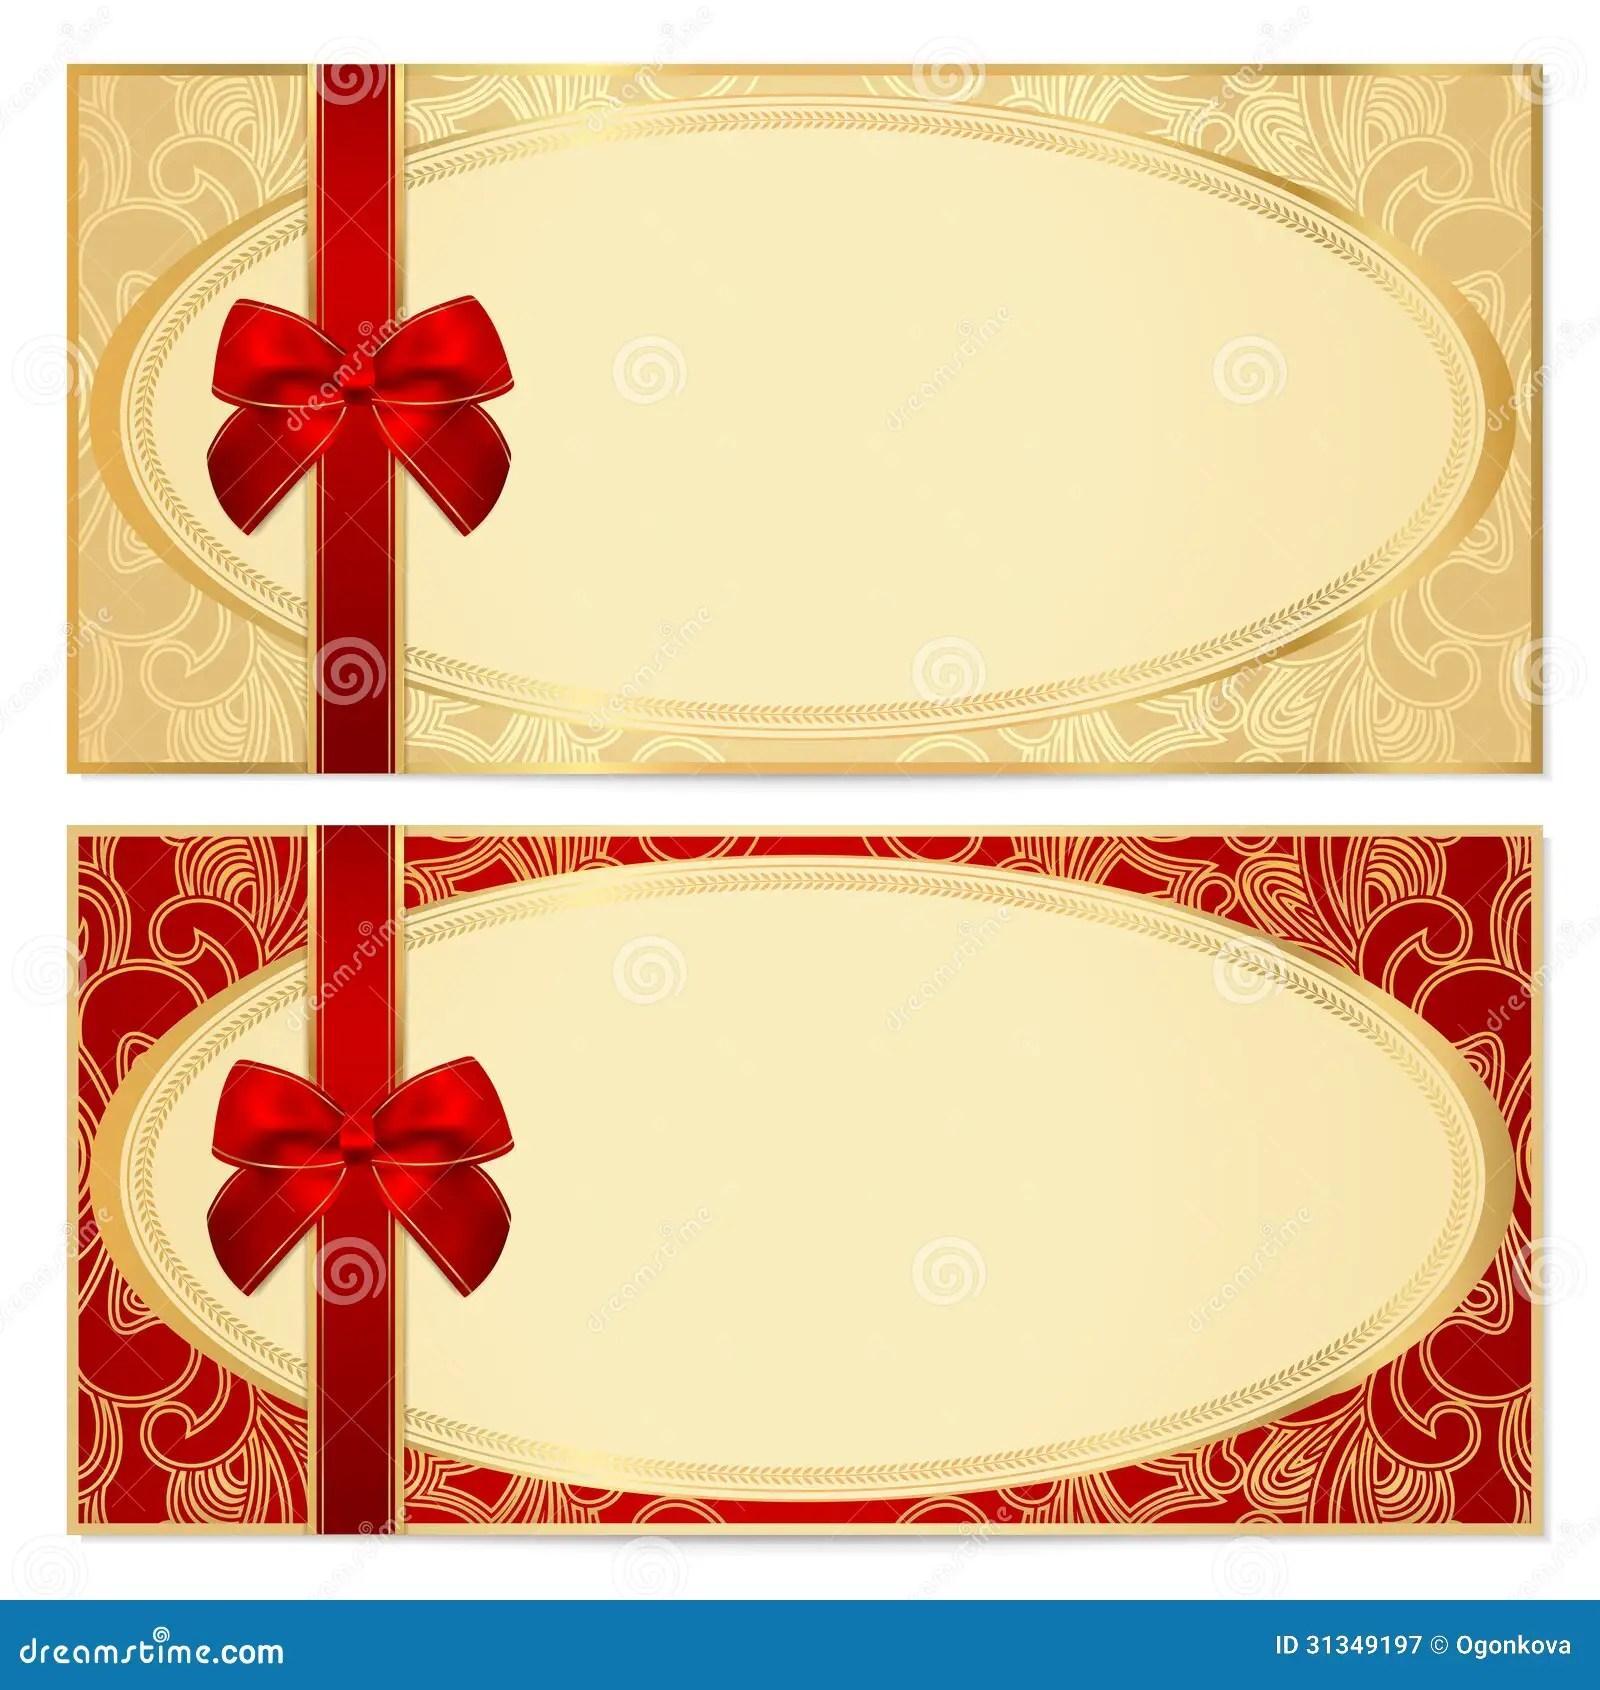 Gift Certificate Voucher Template gift voucher templates company – Voucher Templates Word